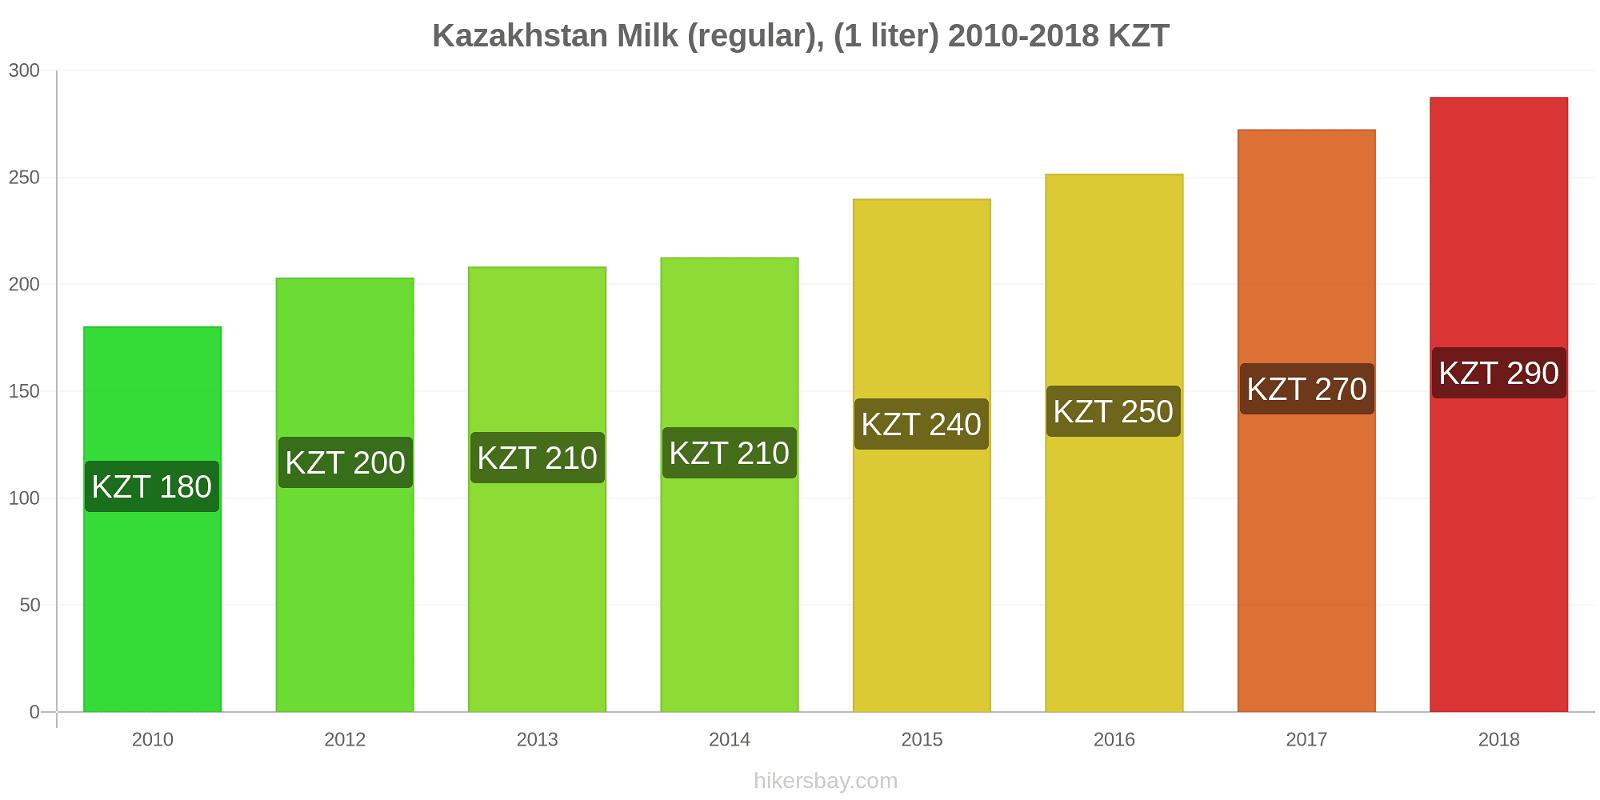 Kazakhstan price changes Milk (regular), (1 liter) hikersbay.com